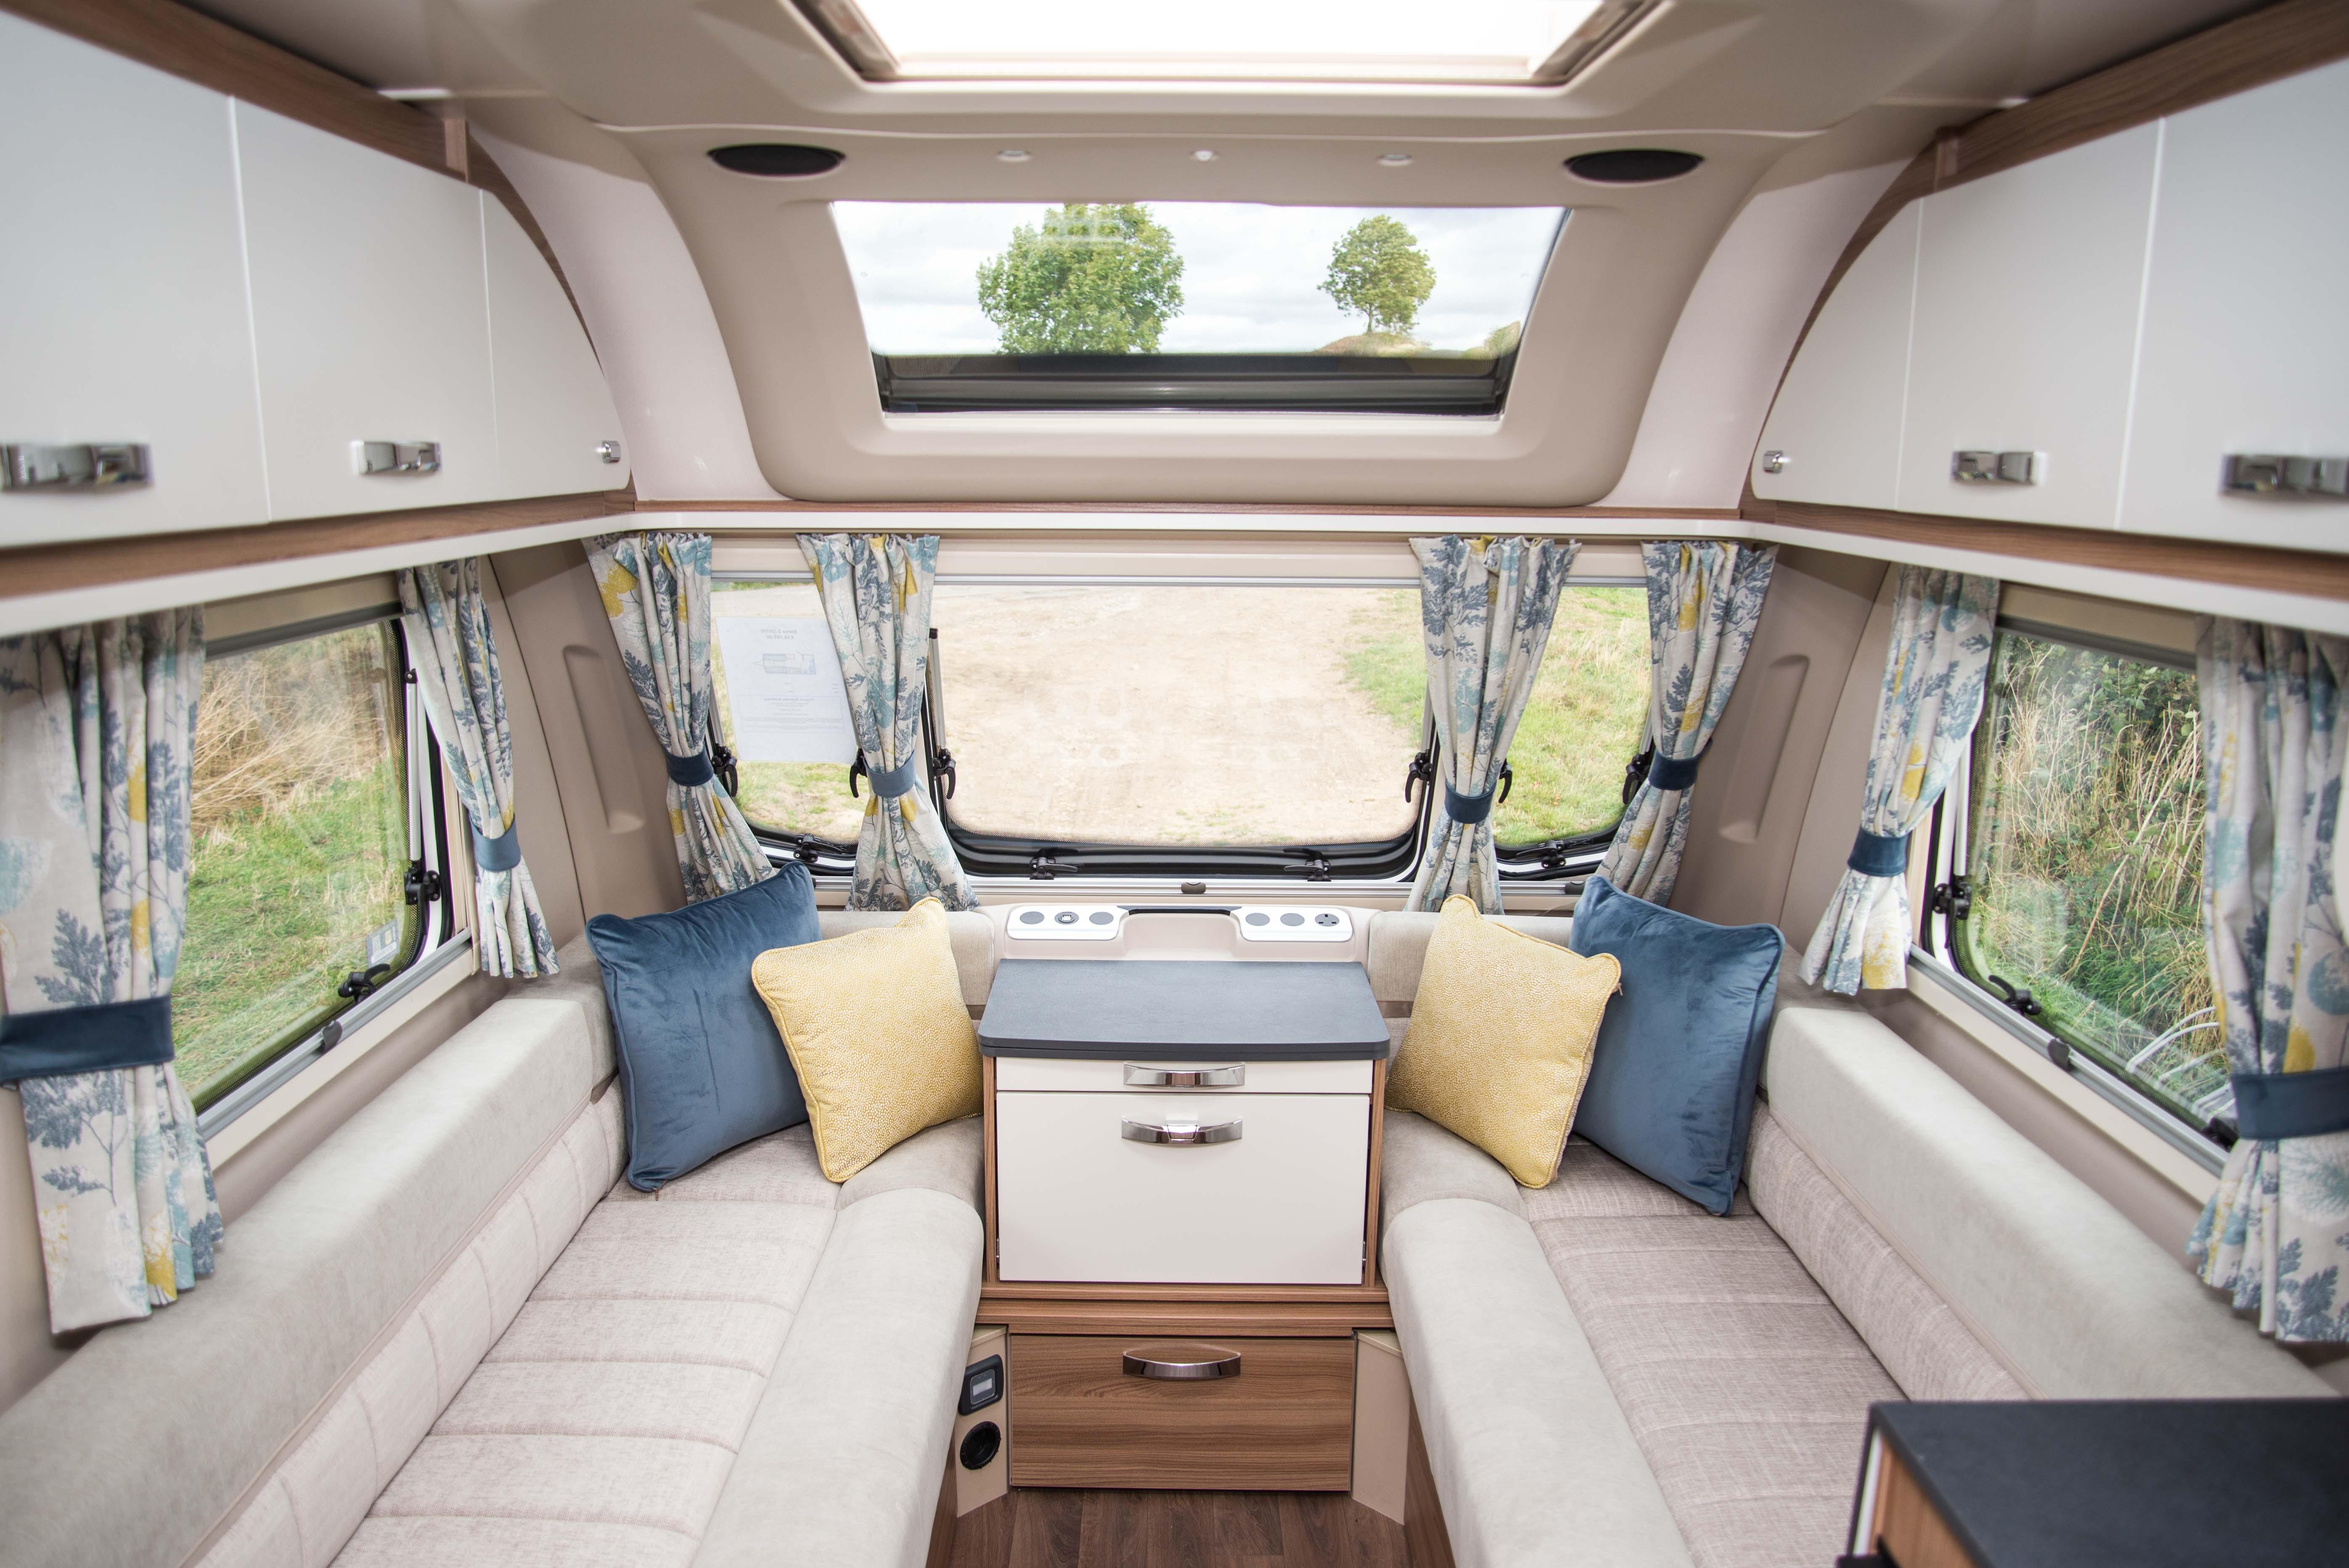 Swift Caravans Siena Internal Image